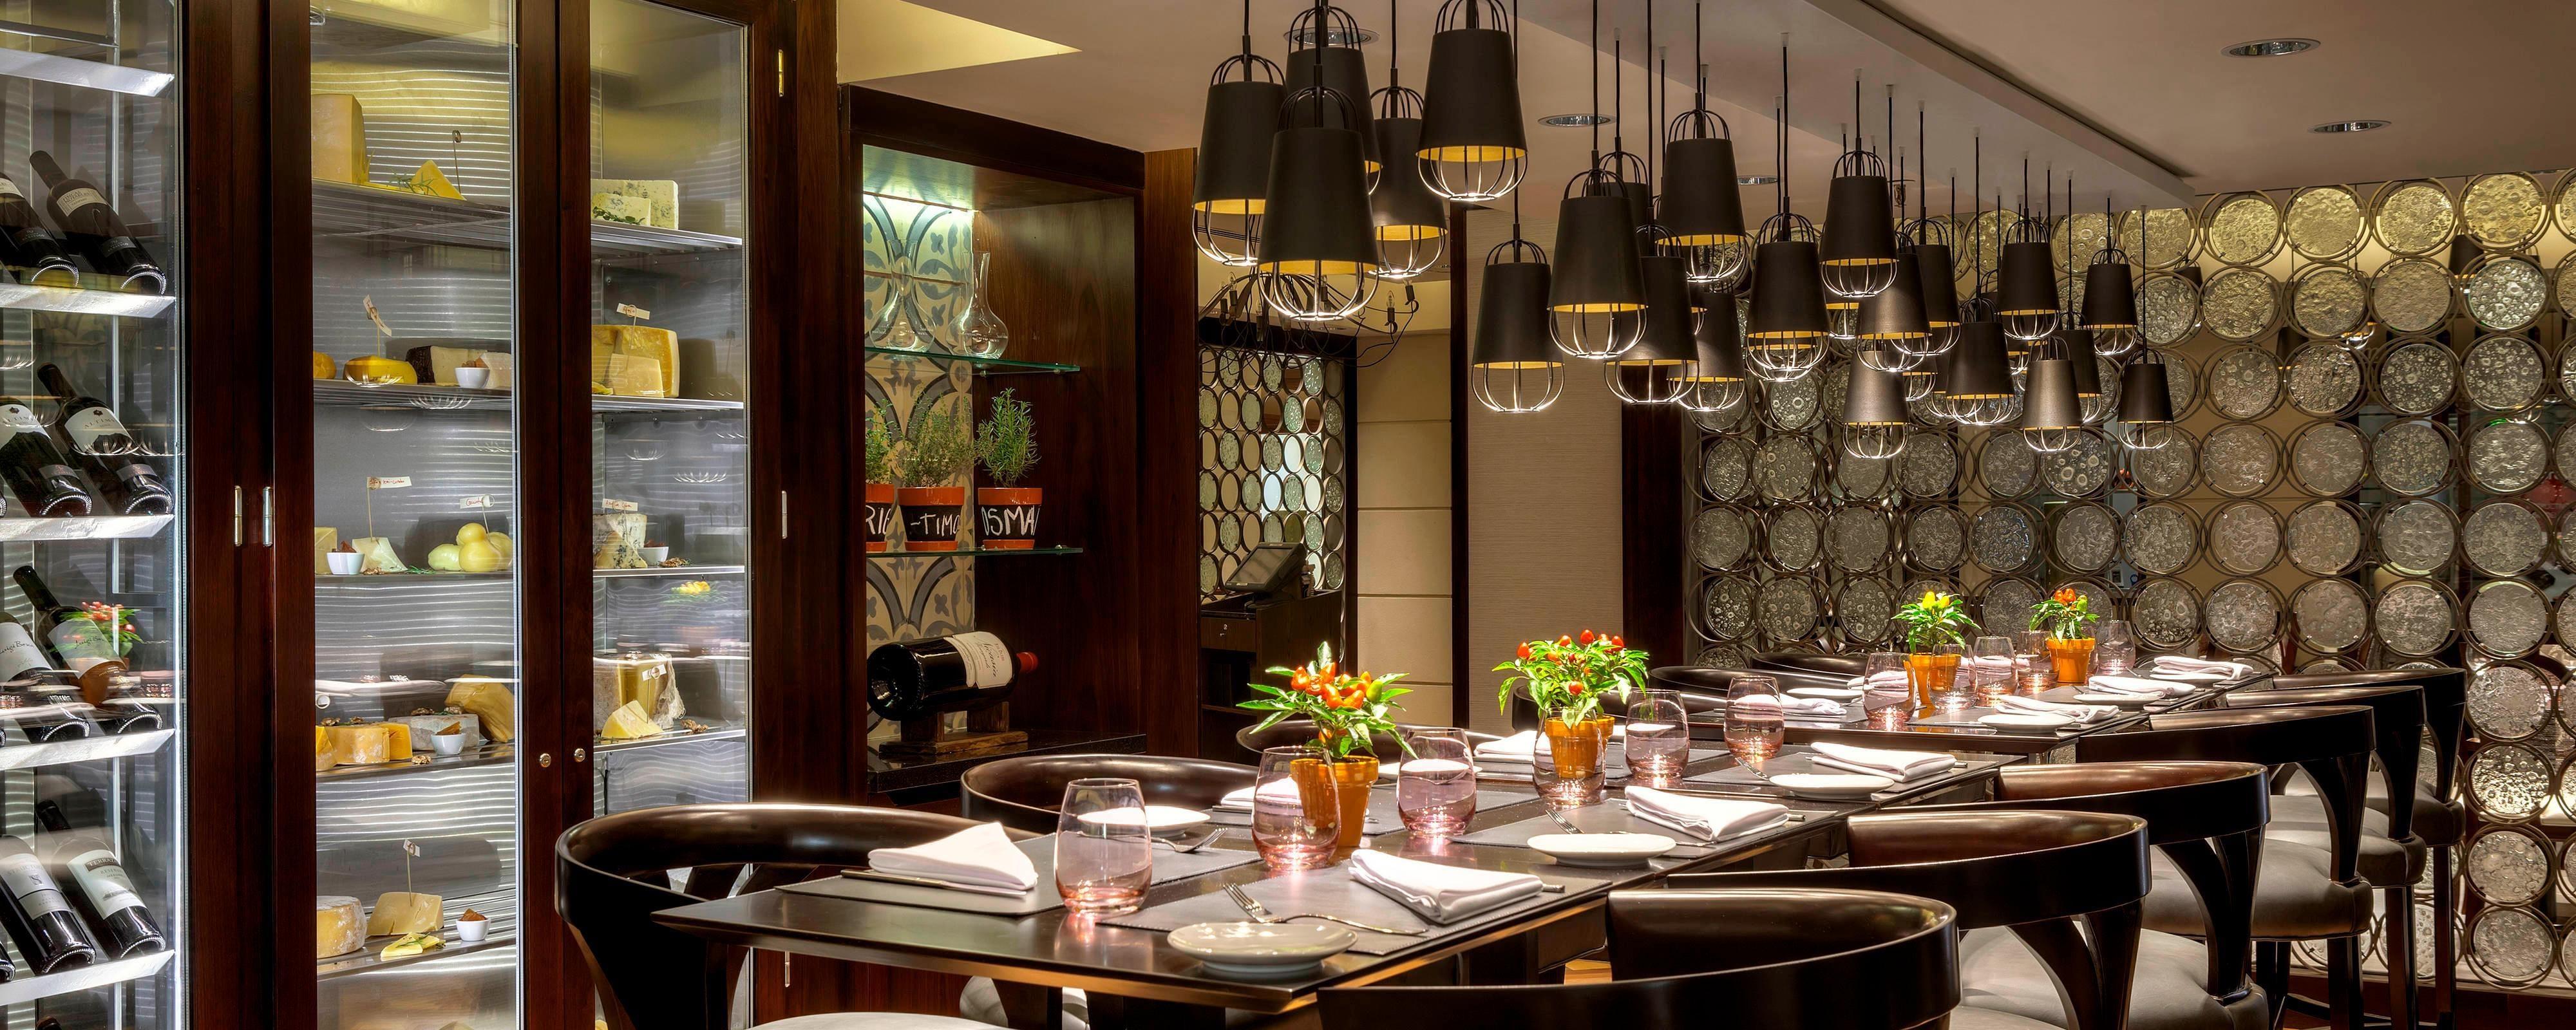 Buono: Restaurant serving excellent Italian cuisine 73